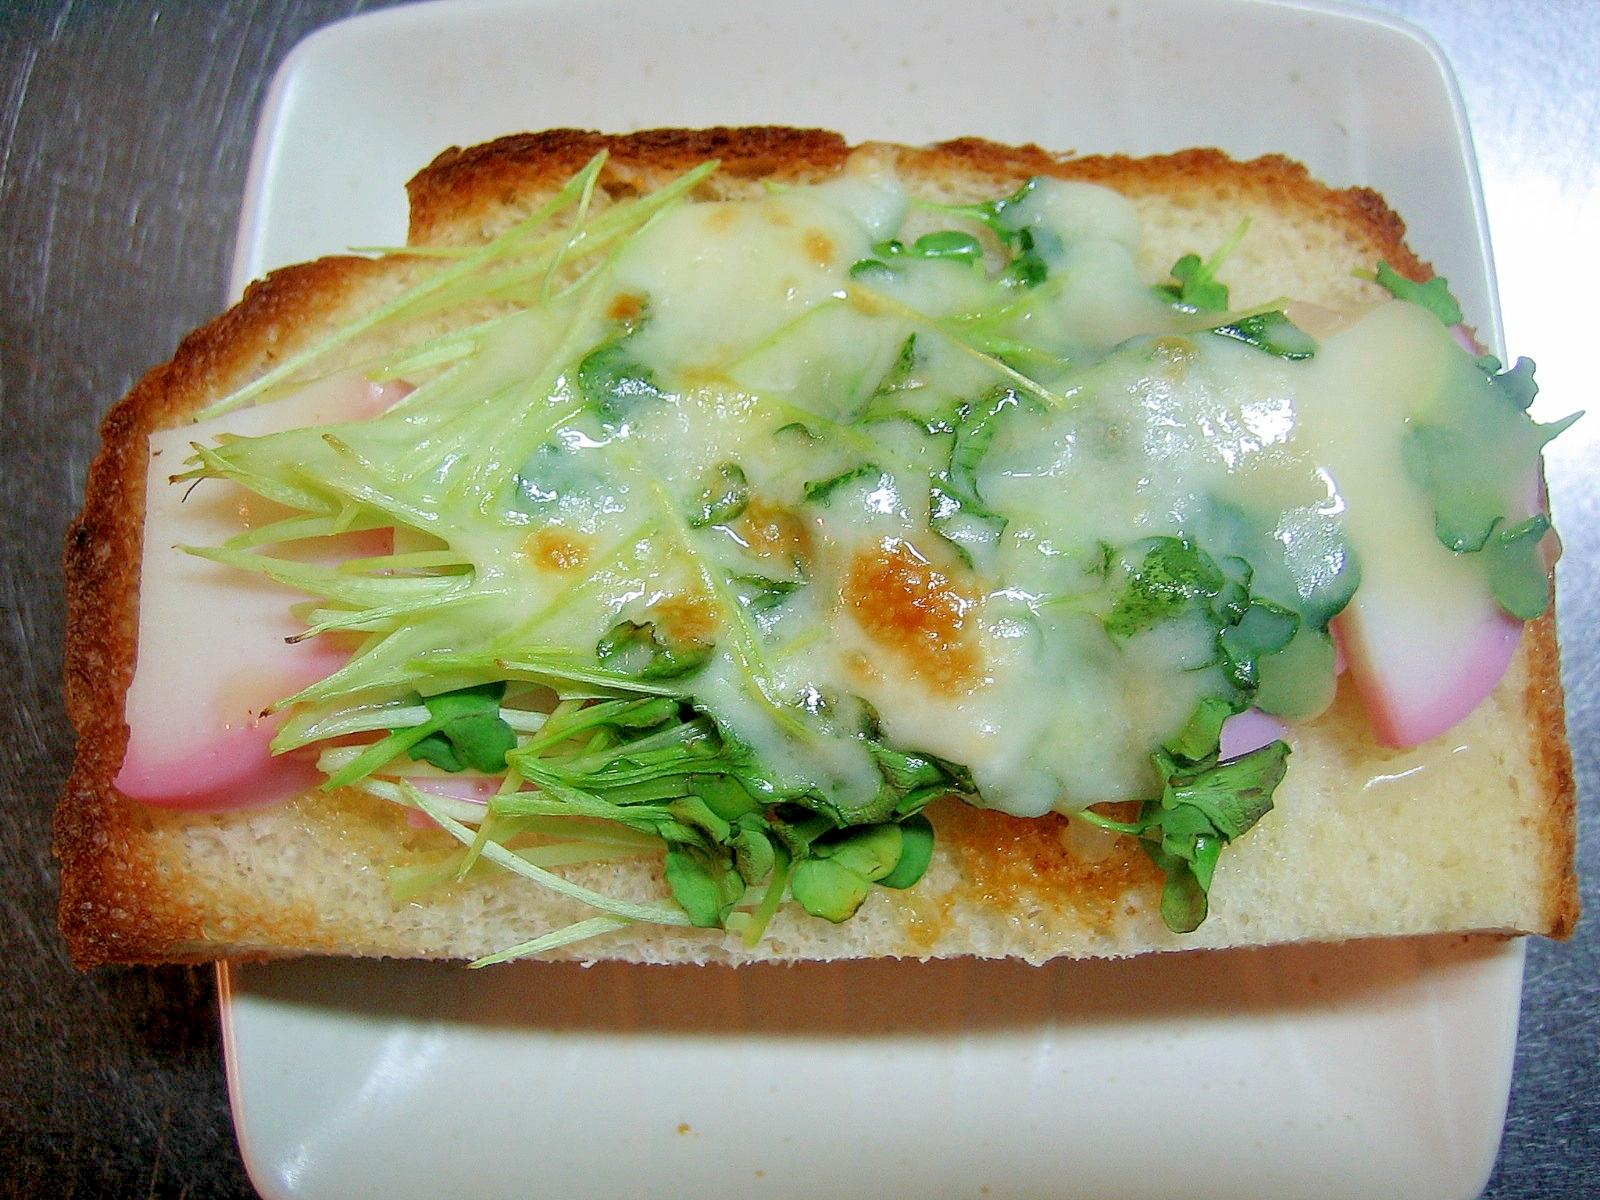 カイワレ大根とかまぼこの醤油チーズトースト